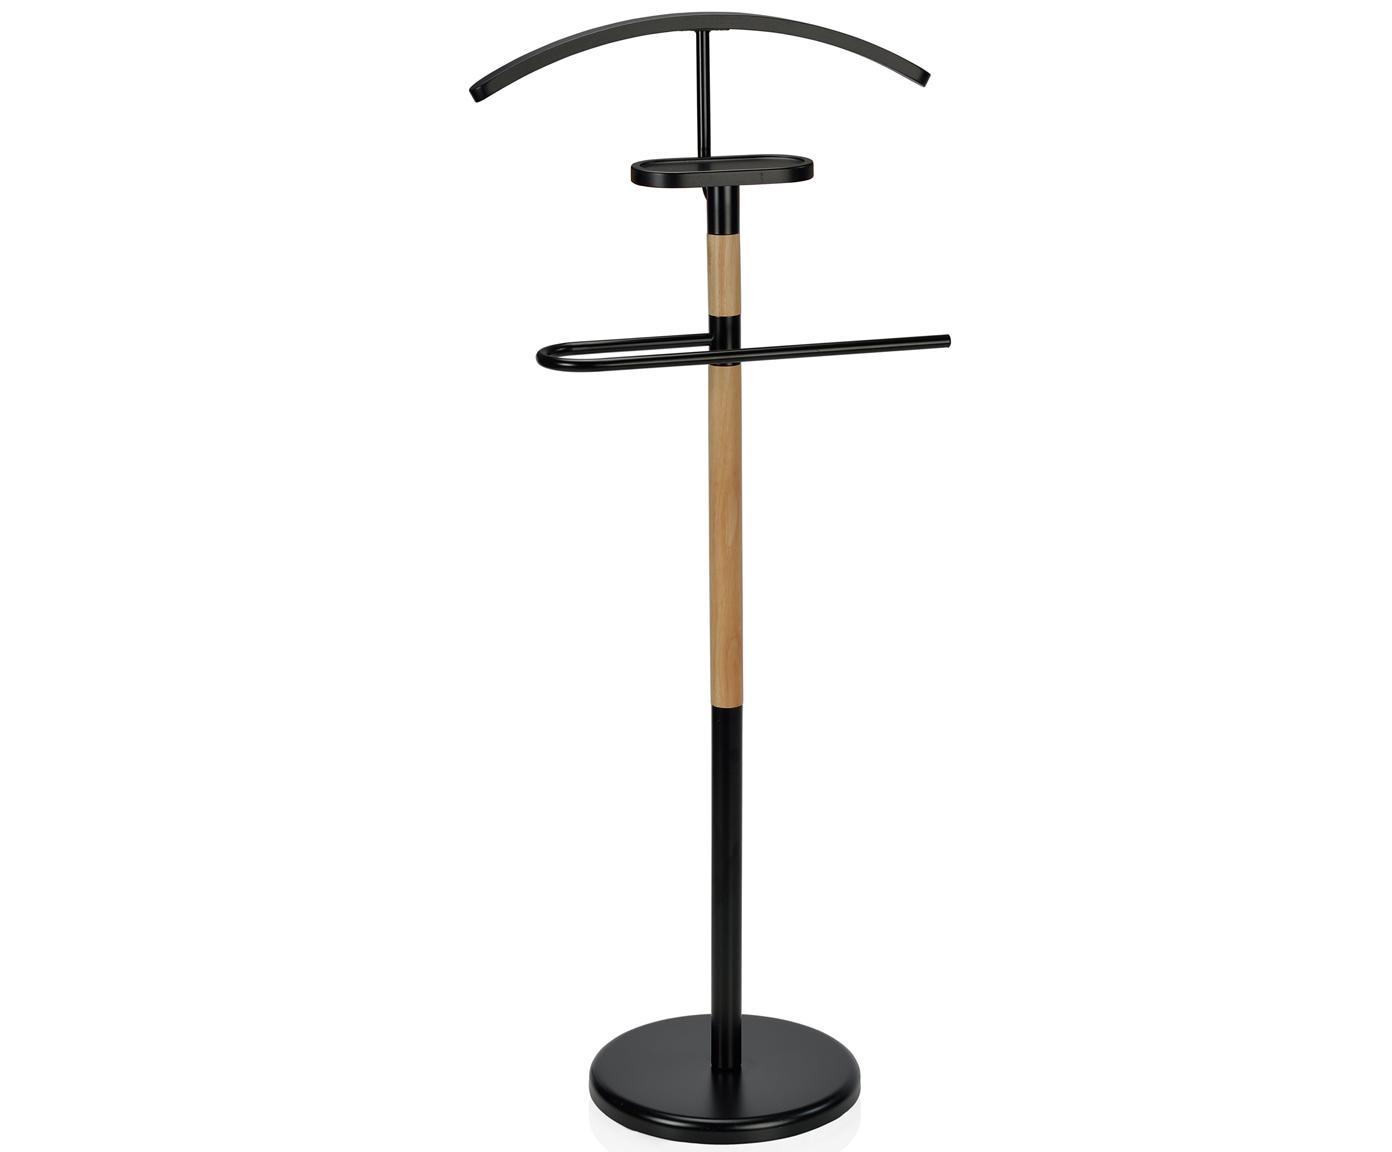 Wieszak stojący Esteban, Stal, drewno kauczukowe, Czarny, brązowy, W 114 cm